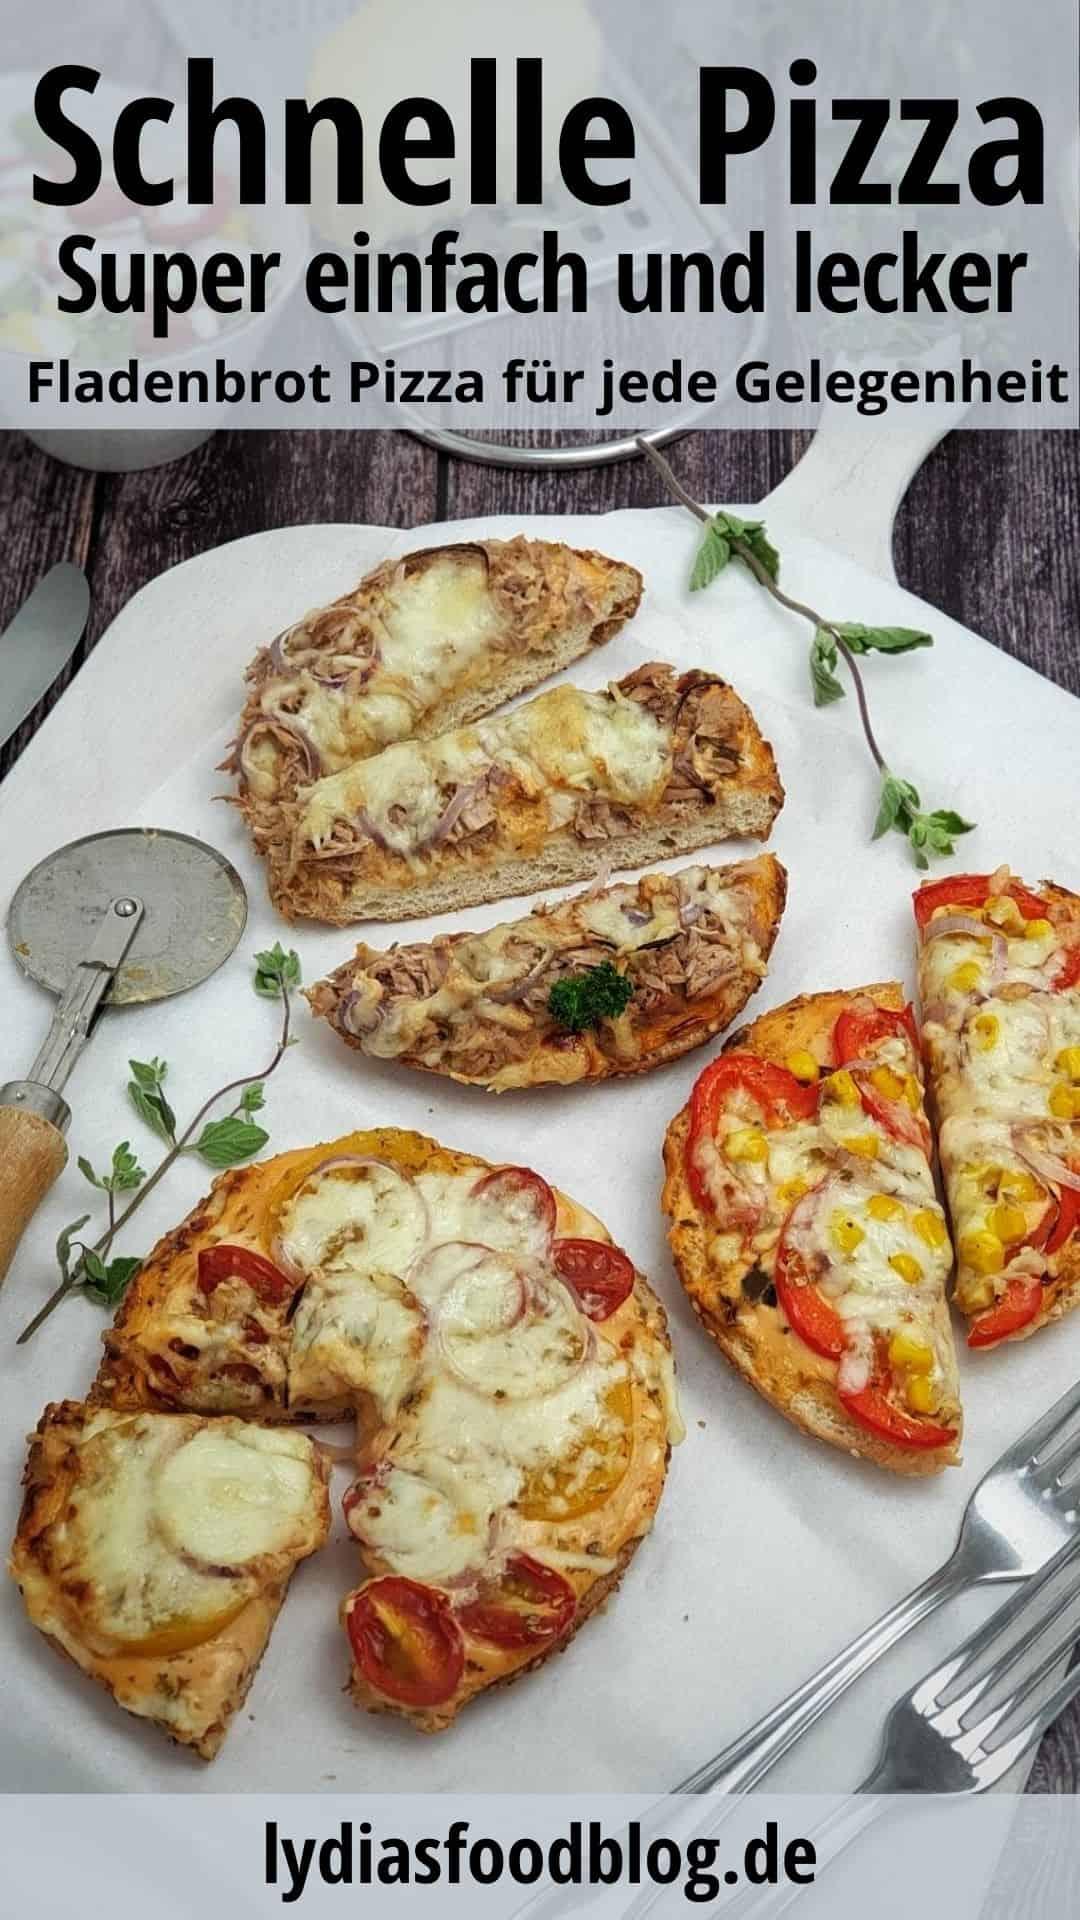 Auf einem großen Servierbrett 3 kleine Mini-Fladenbrot-Pizza mit verschiedenem Belag.